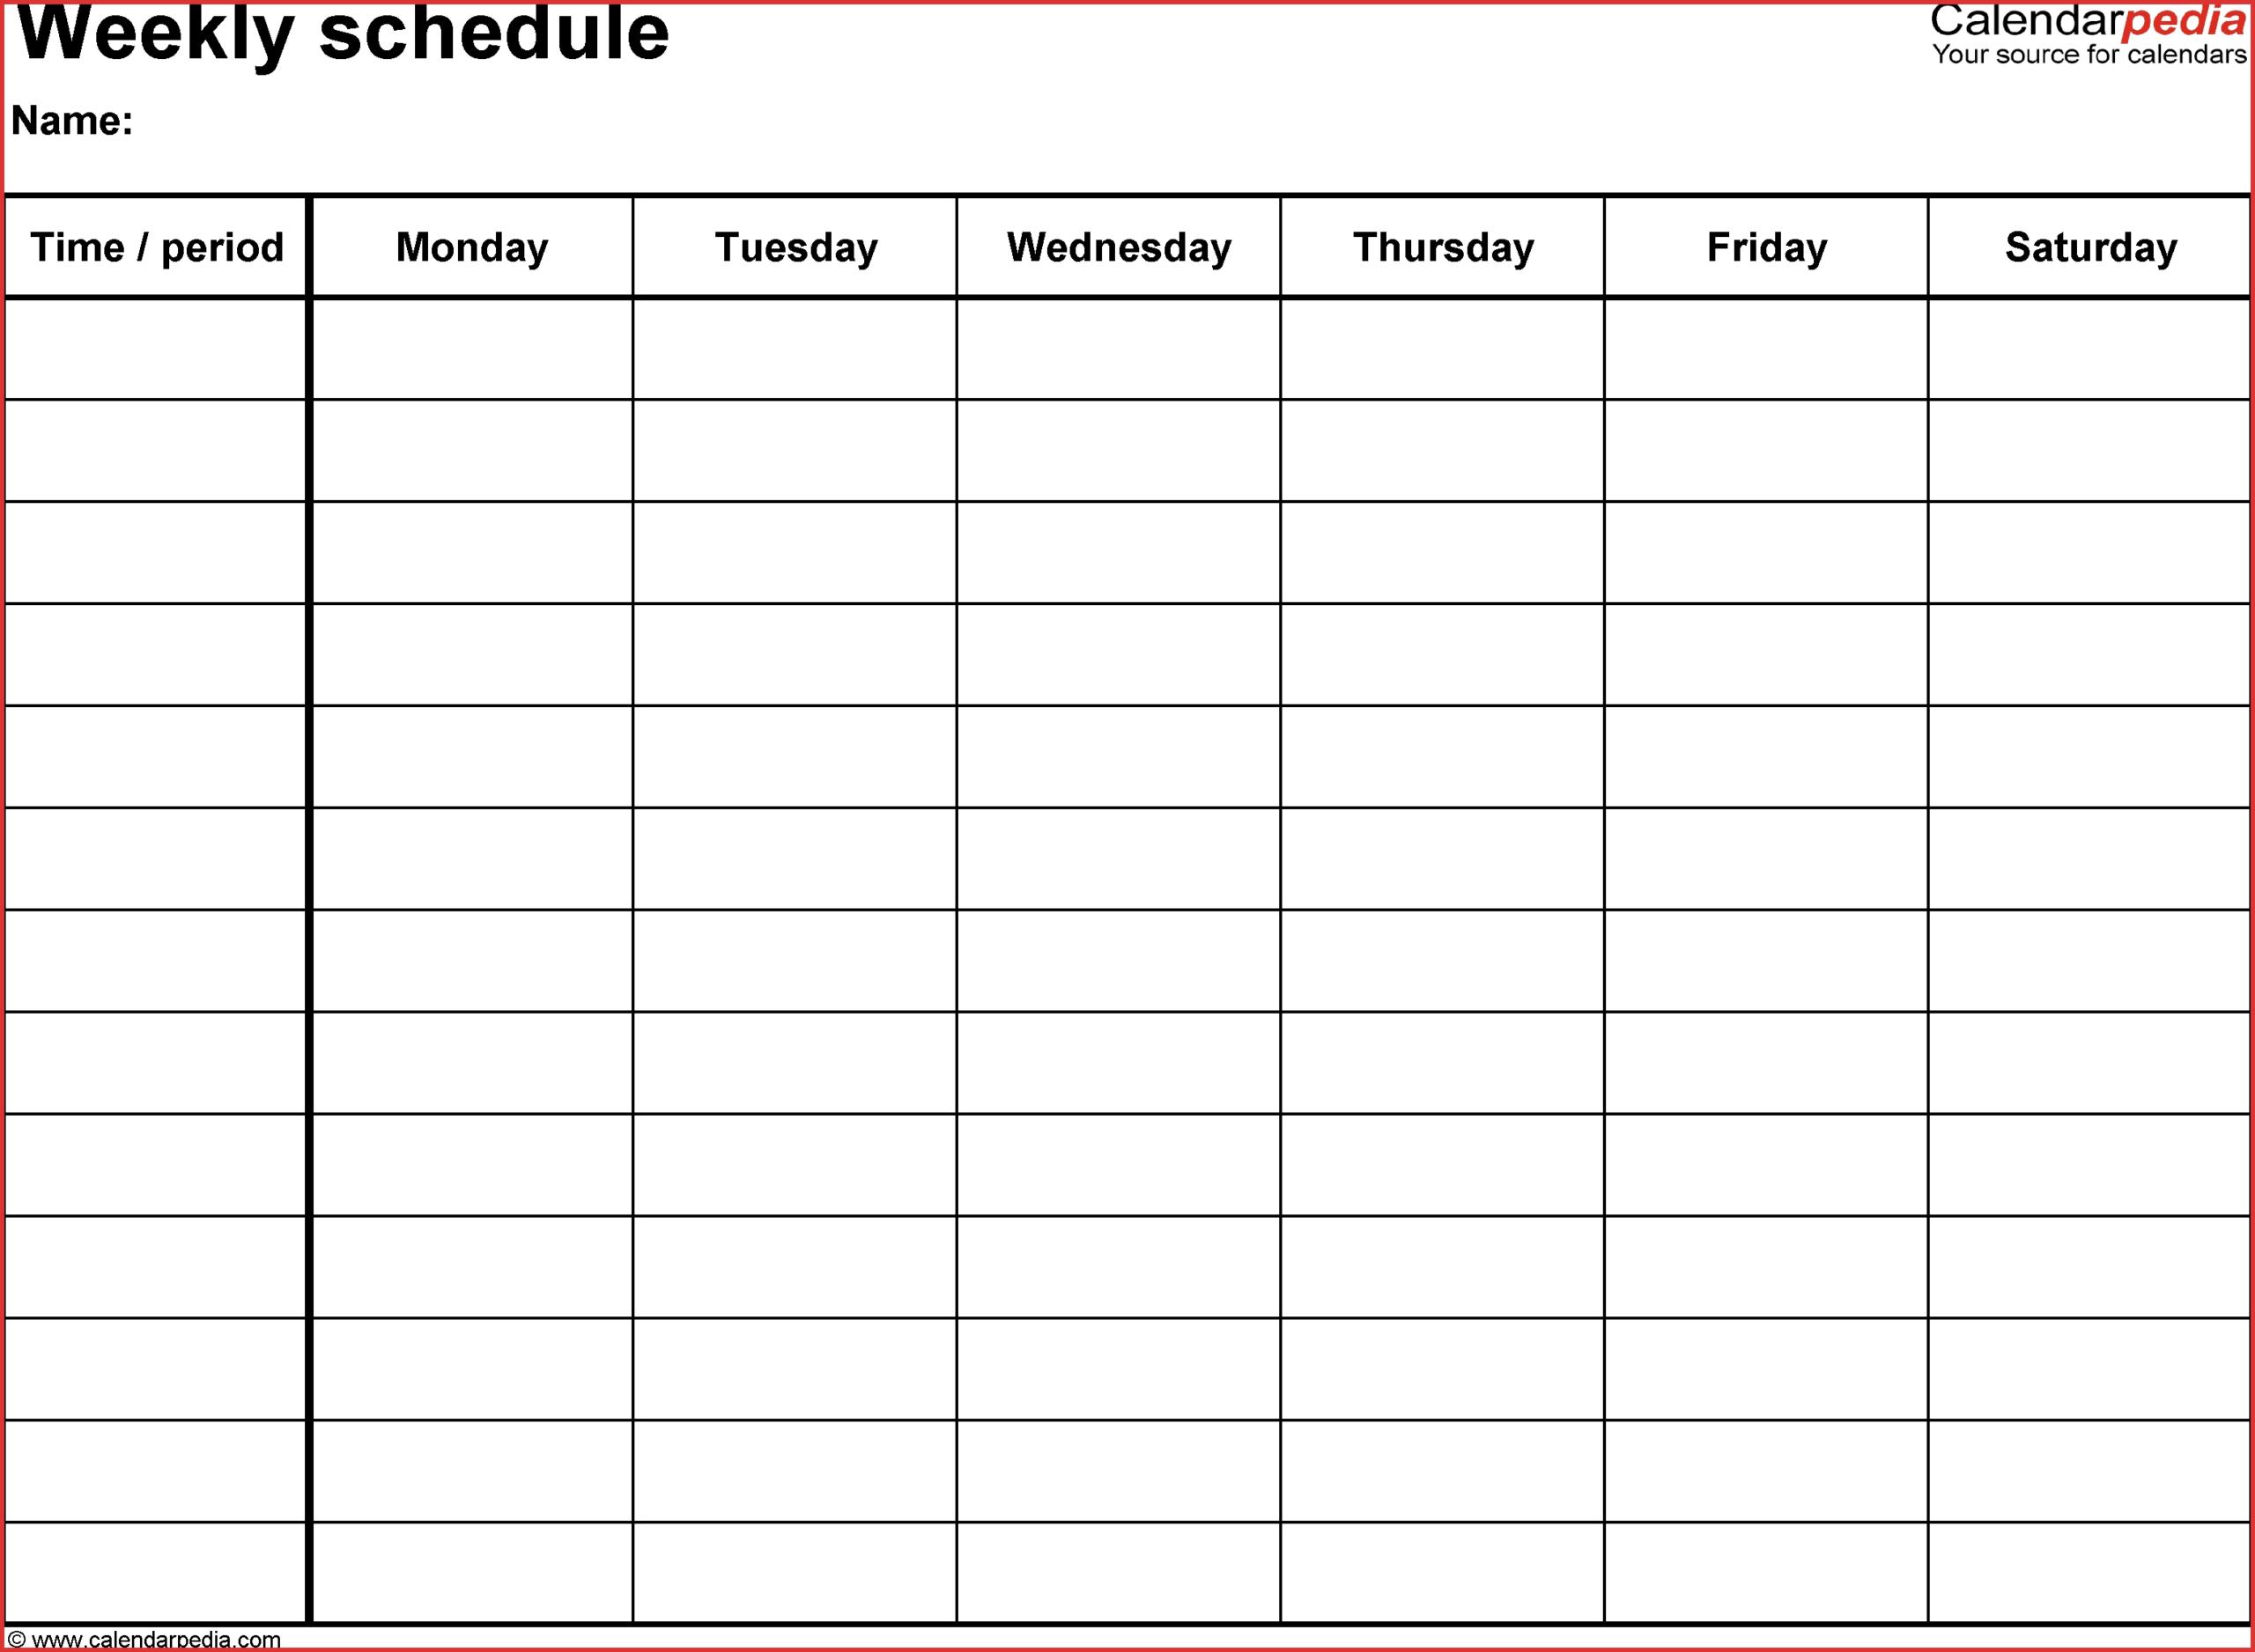 Pick 6 Week Blank Schedule Template ⋆ The Best Printable